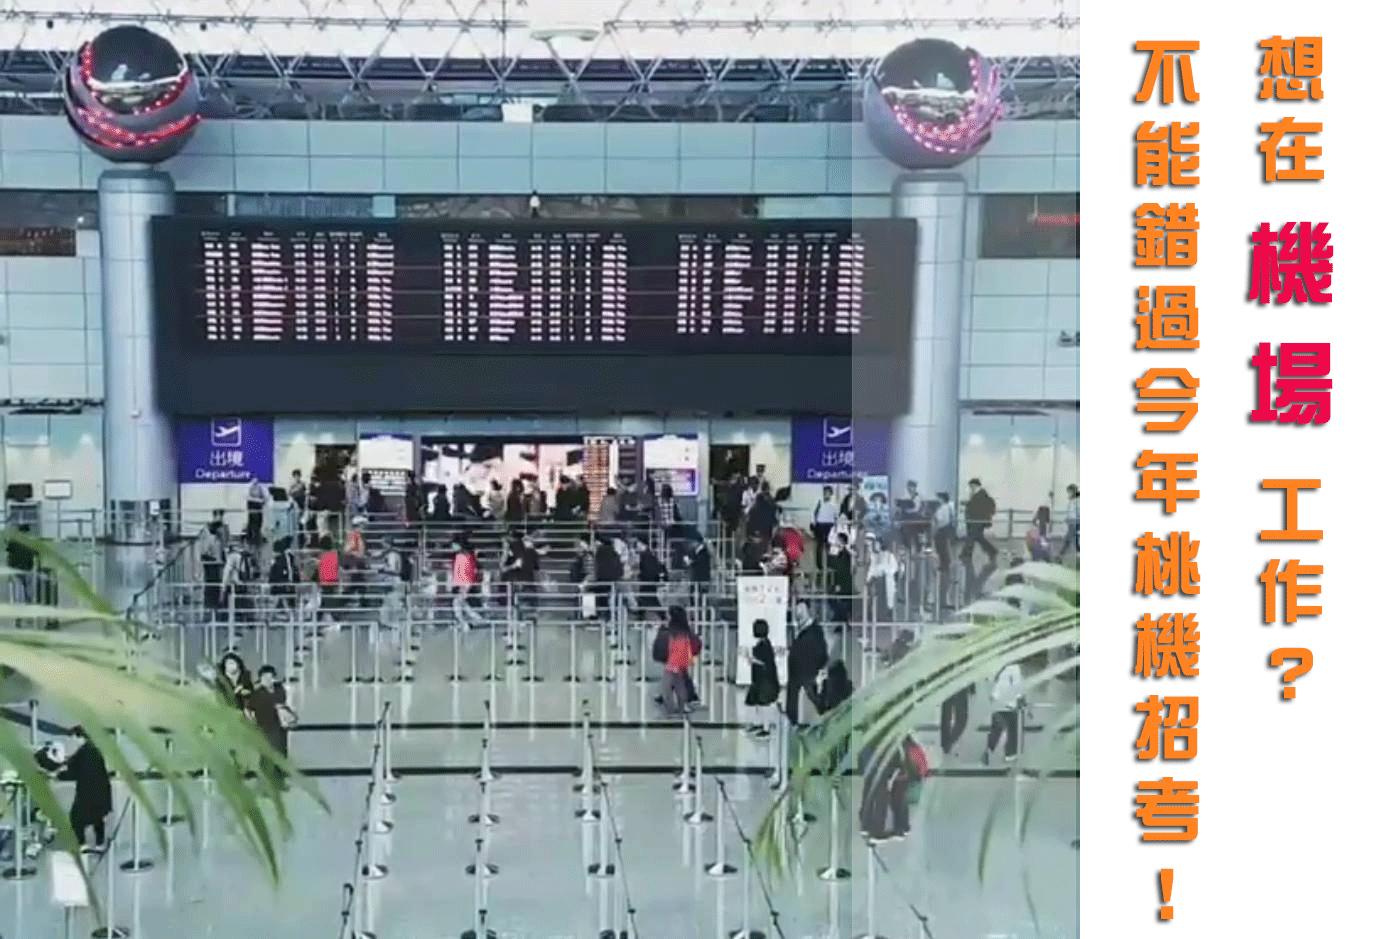 桃園機場成立以來第二度大規模招考 7月報名及筆試